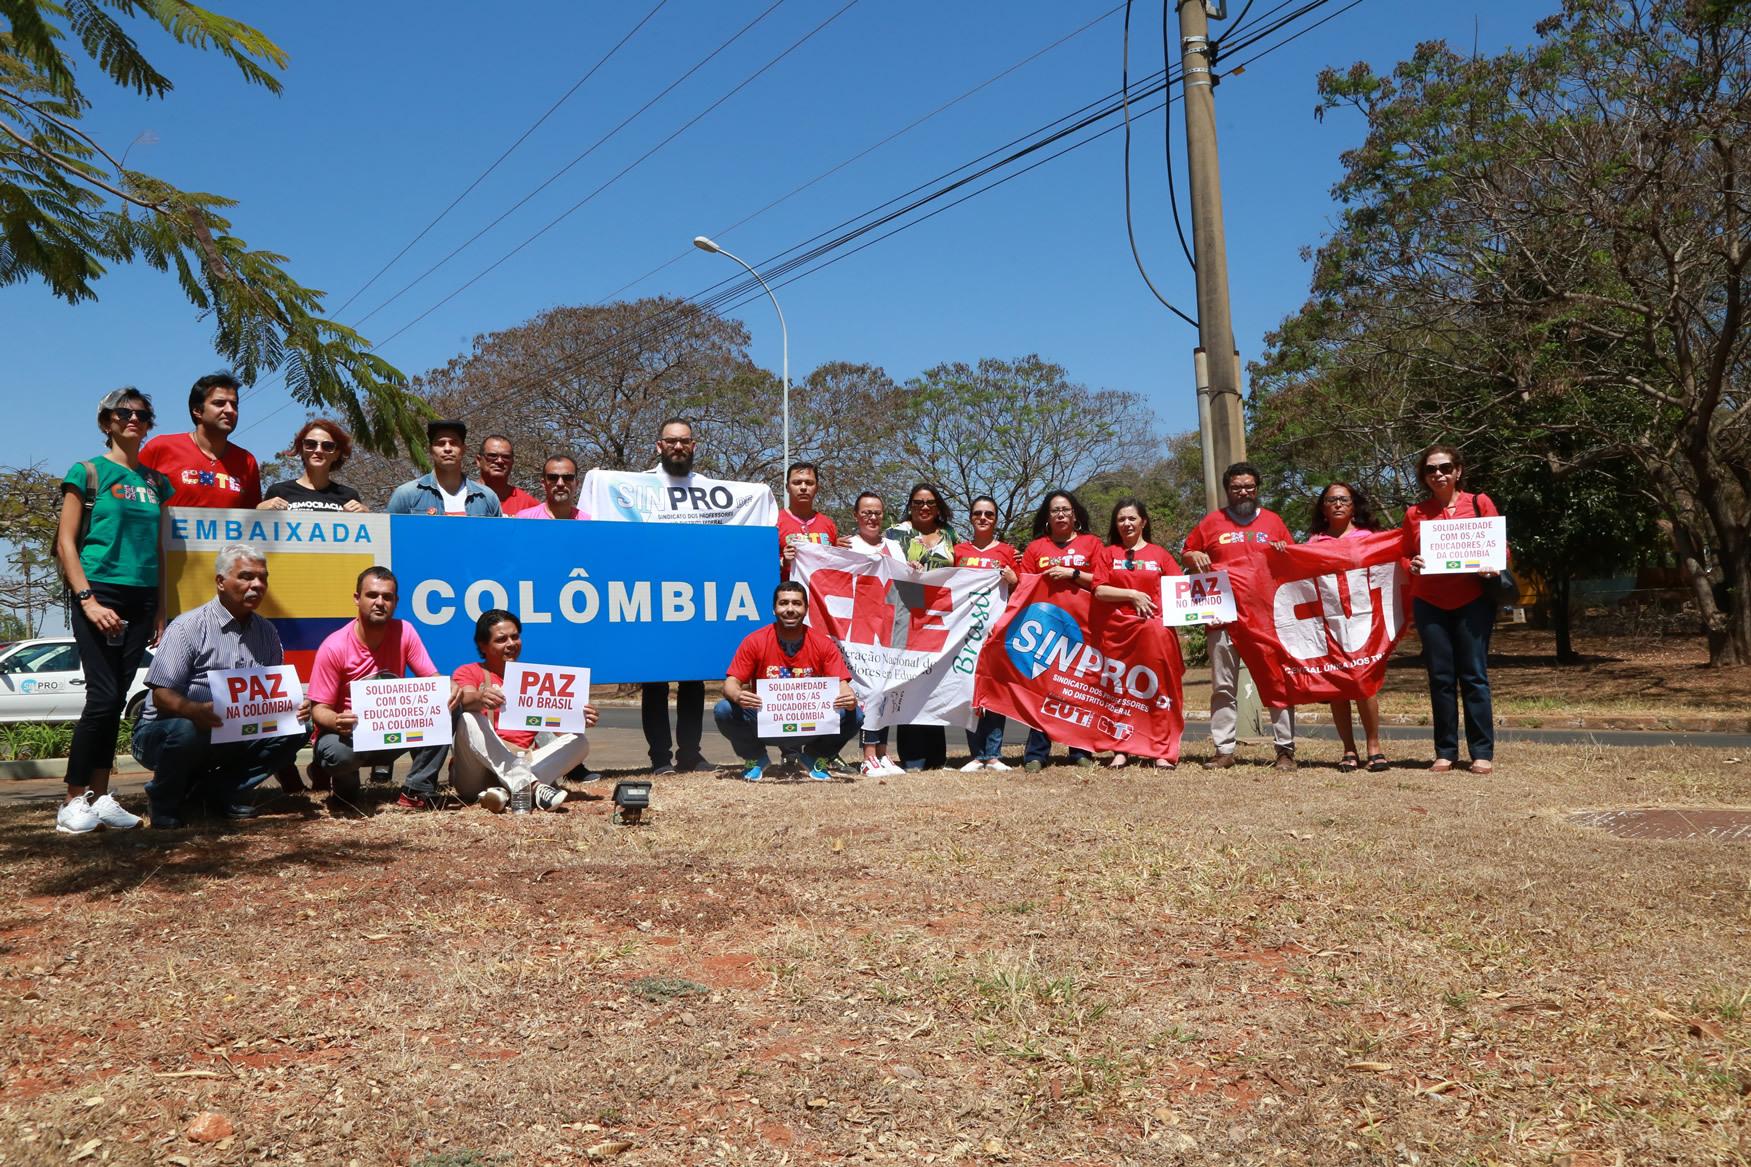 2019.09.12-Ato-Embaixada-Colombia_fotos-ECOM-28